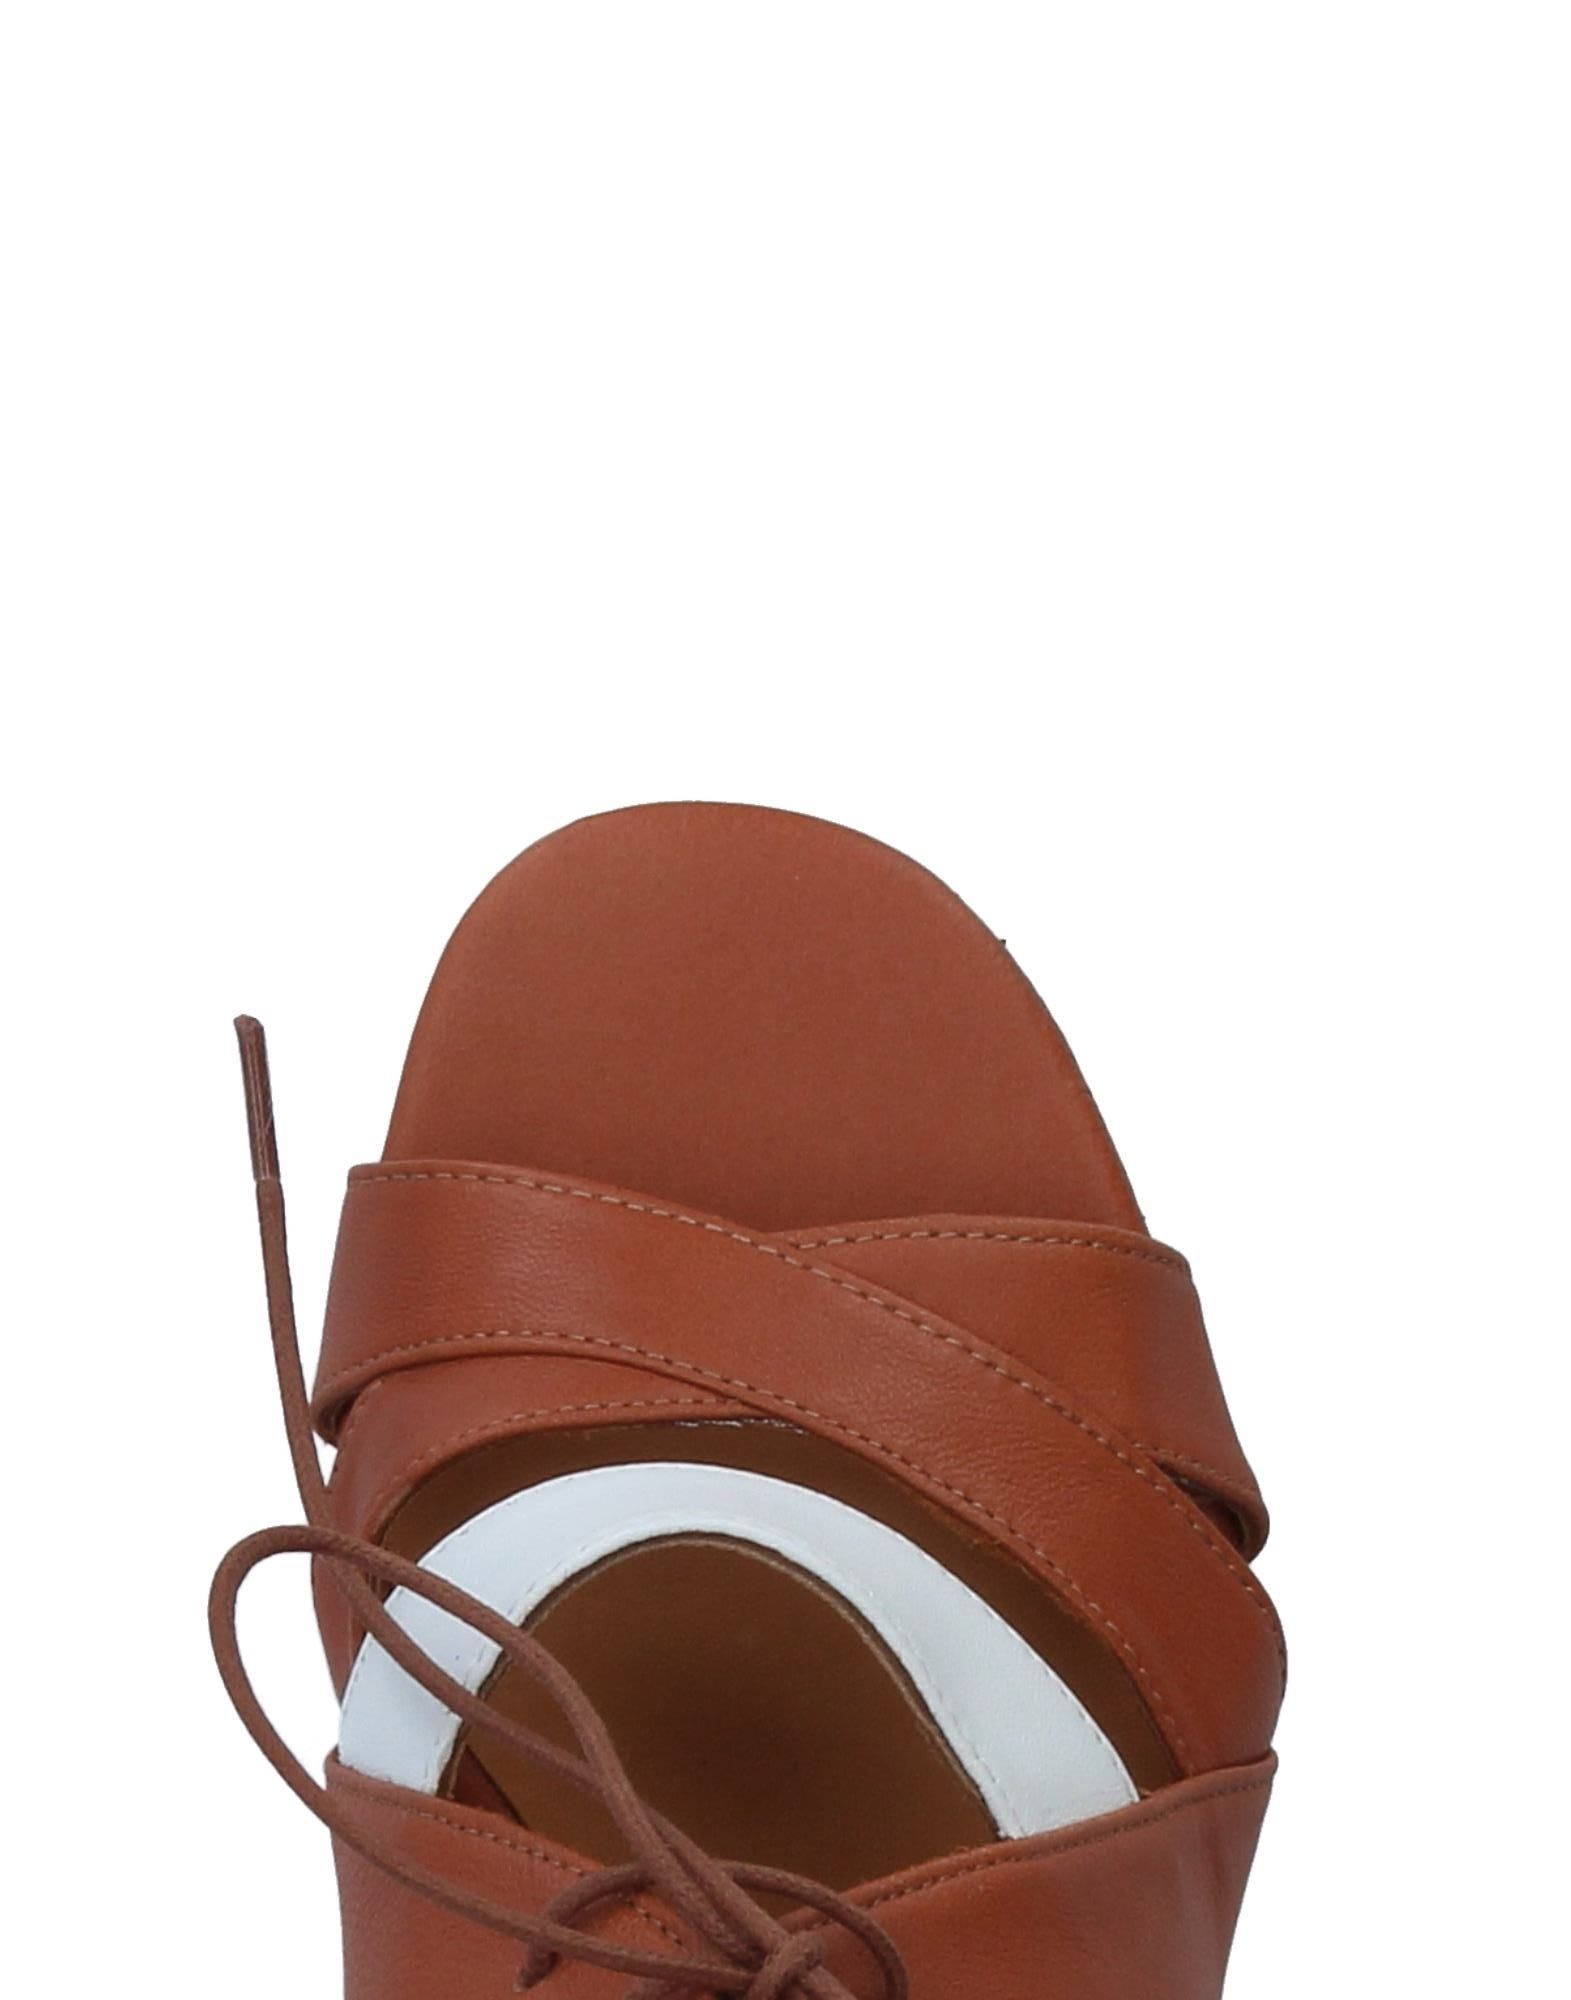 Audley Sandalen Damen   Damen 11356877TE Gute Qualität beliebte Schuhe 214a78